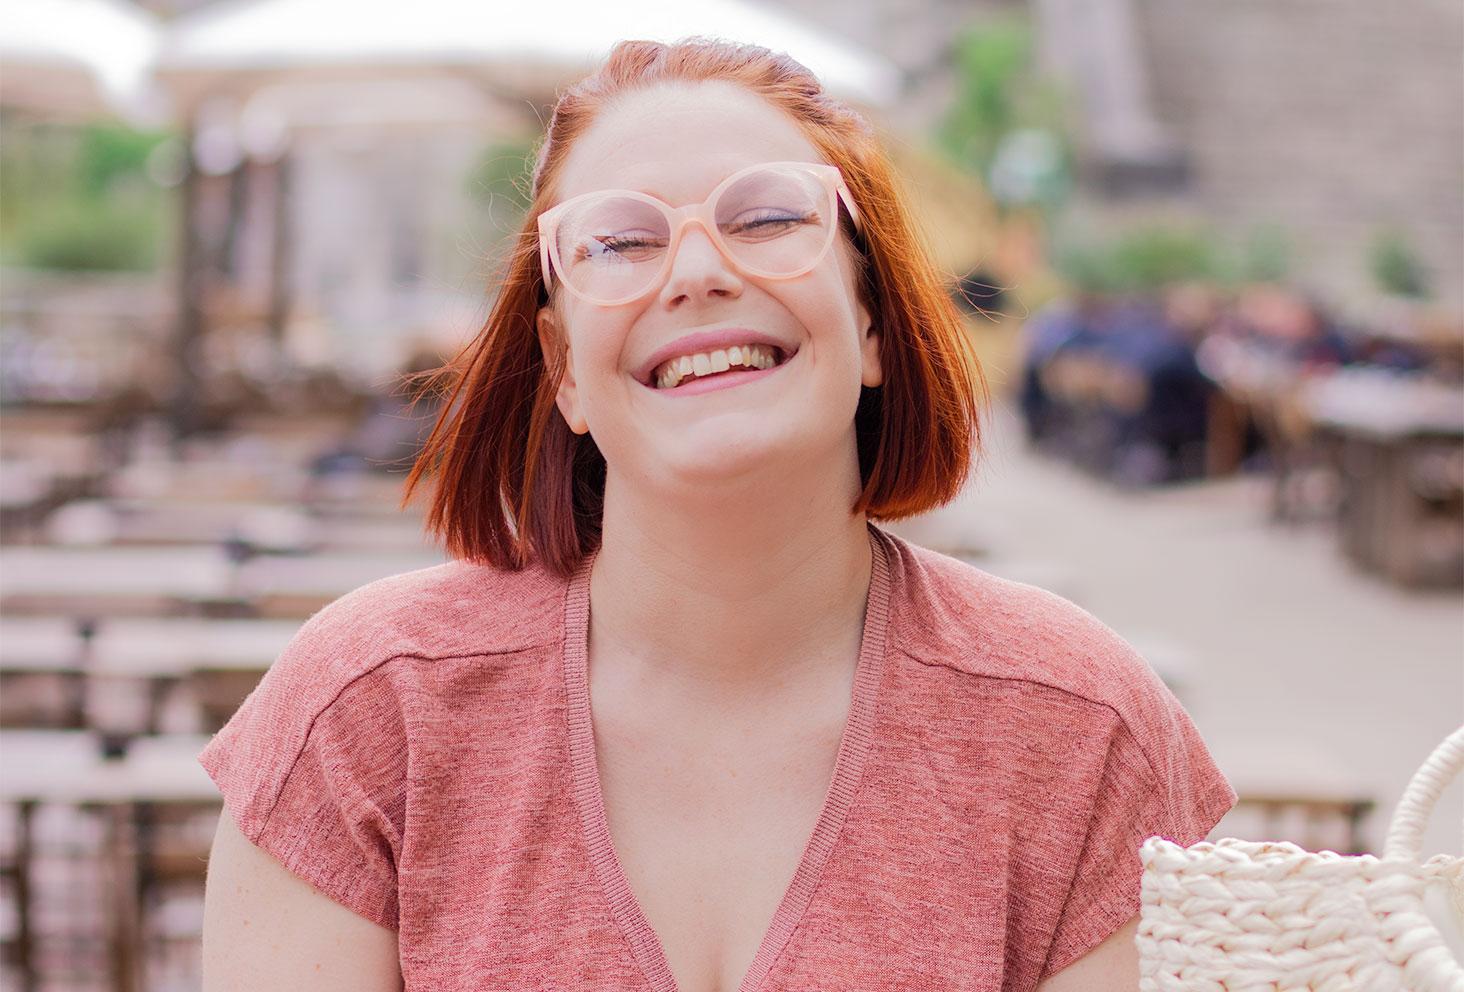 A la guinguette de Tours avec le sourire, portrait avec des lunettes roses poudrées, en t-shirt rose décolleté fluide